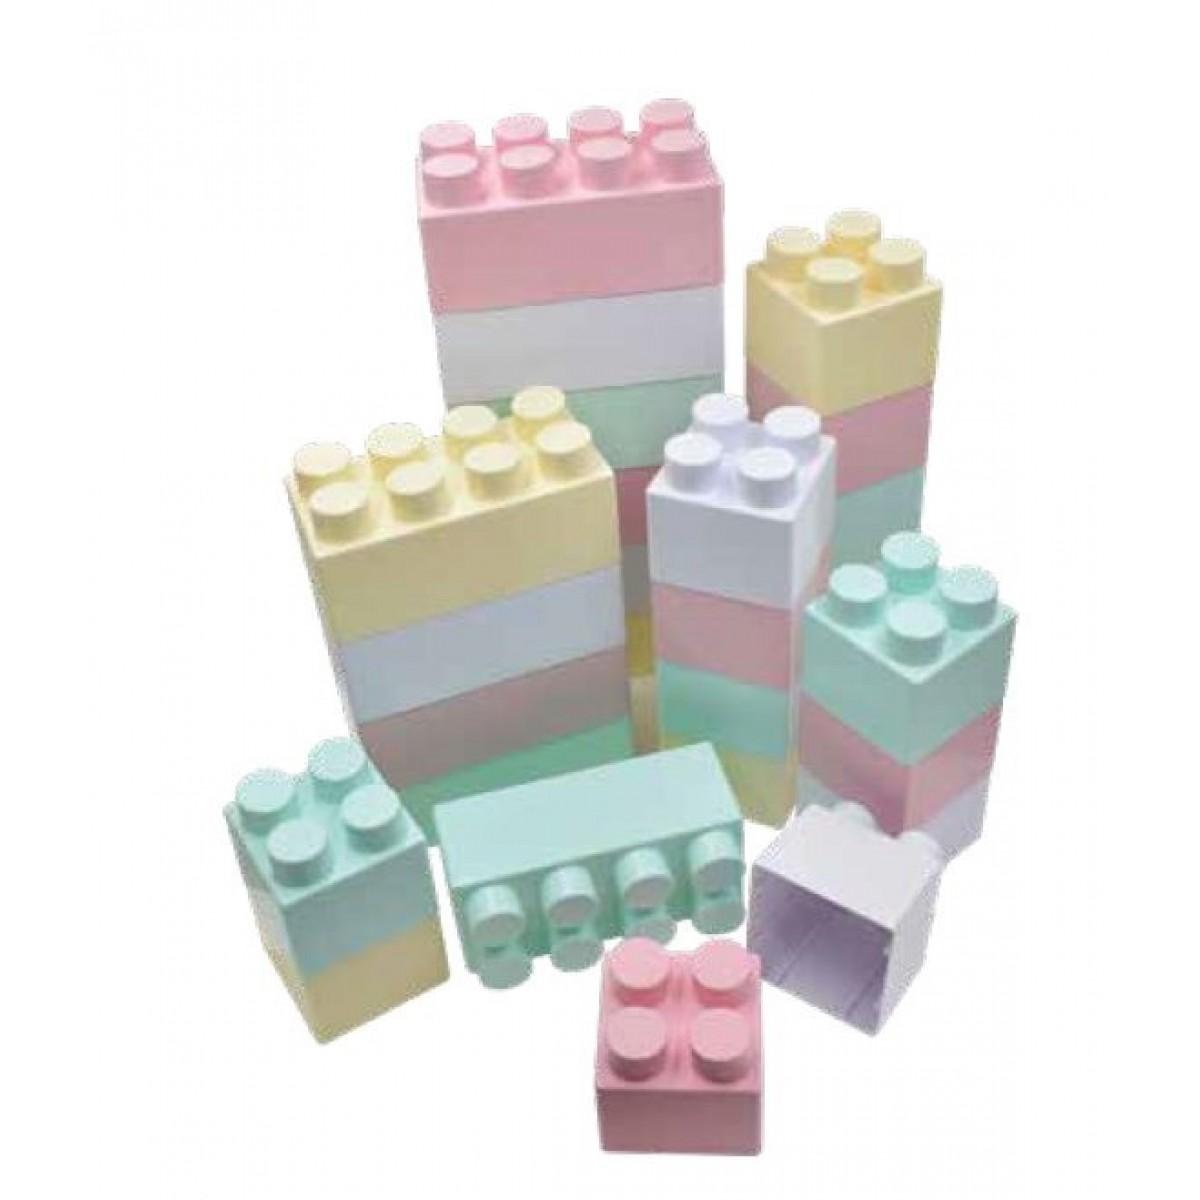 مكعبات فلين الوان فاحة 60 قطعة 20 ق كبير + 40 صغير غير قابل للكسر